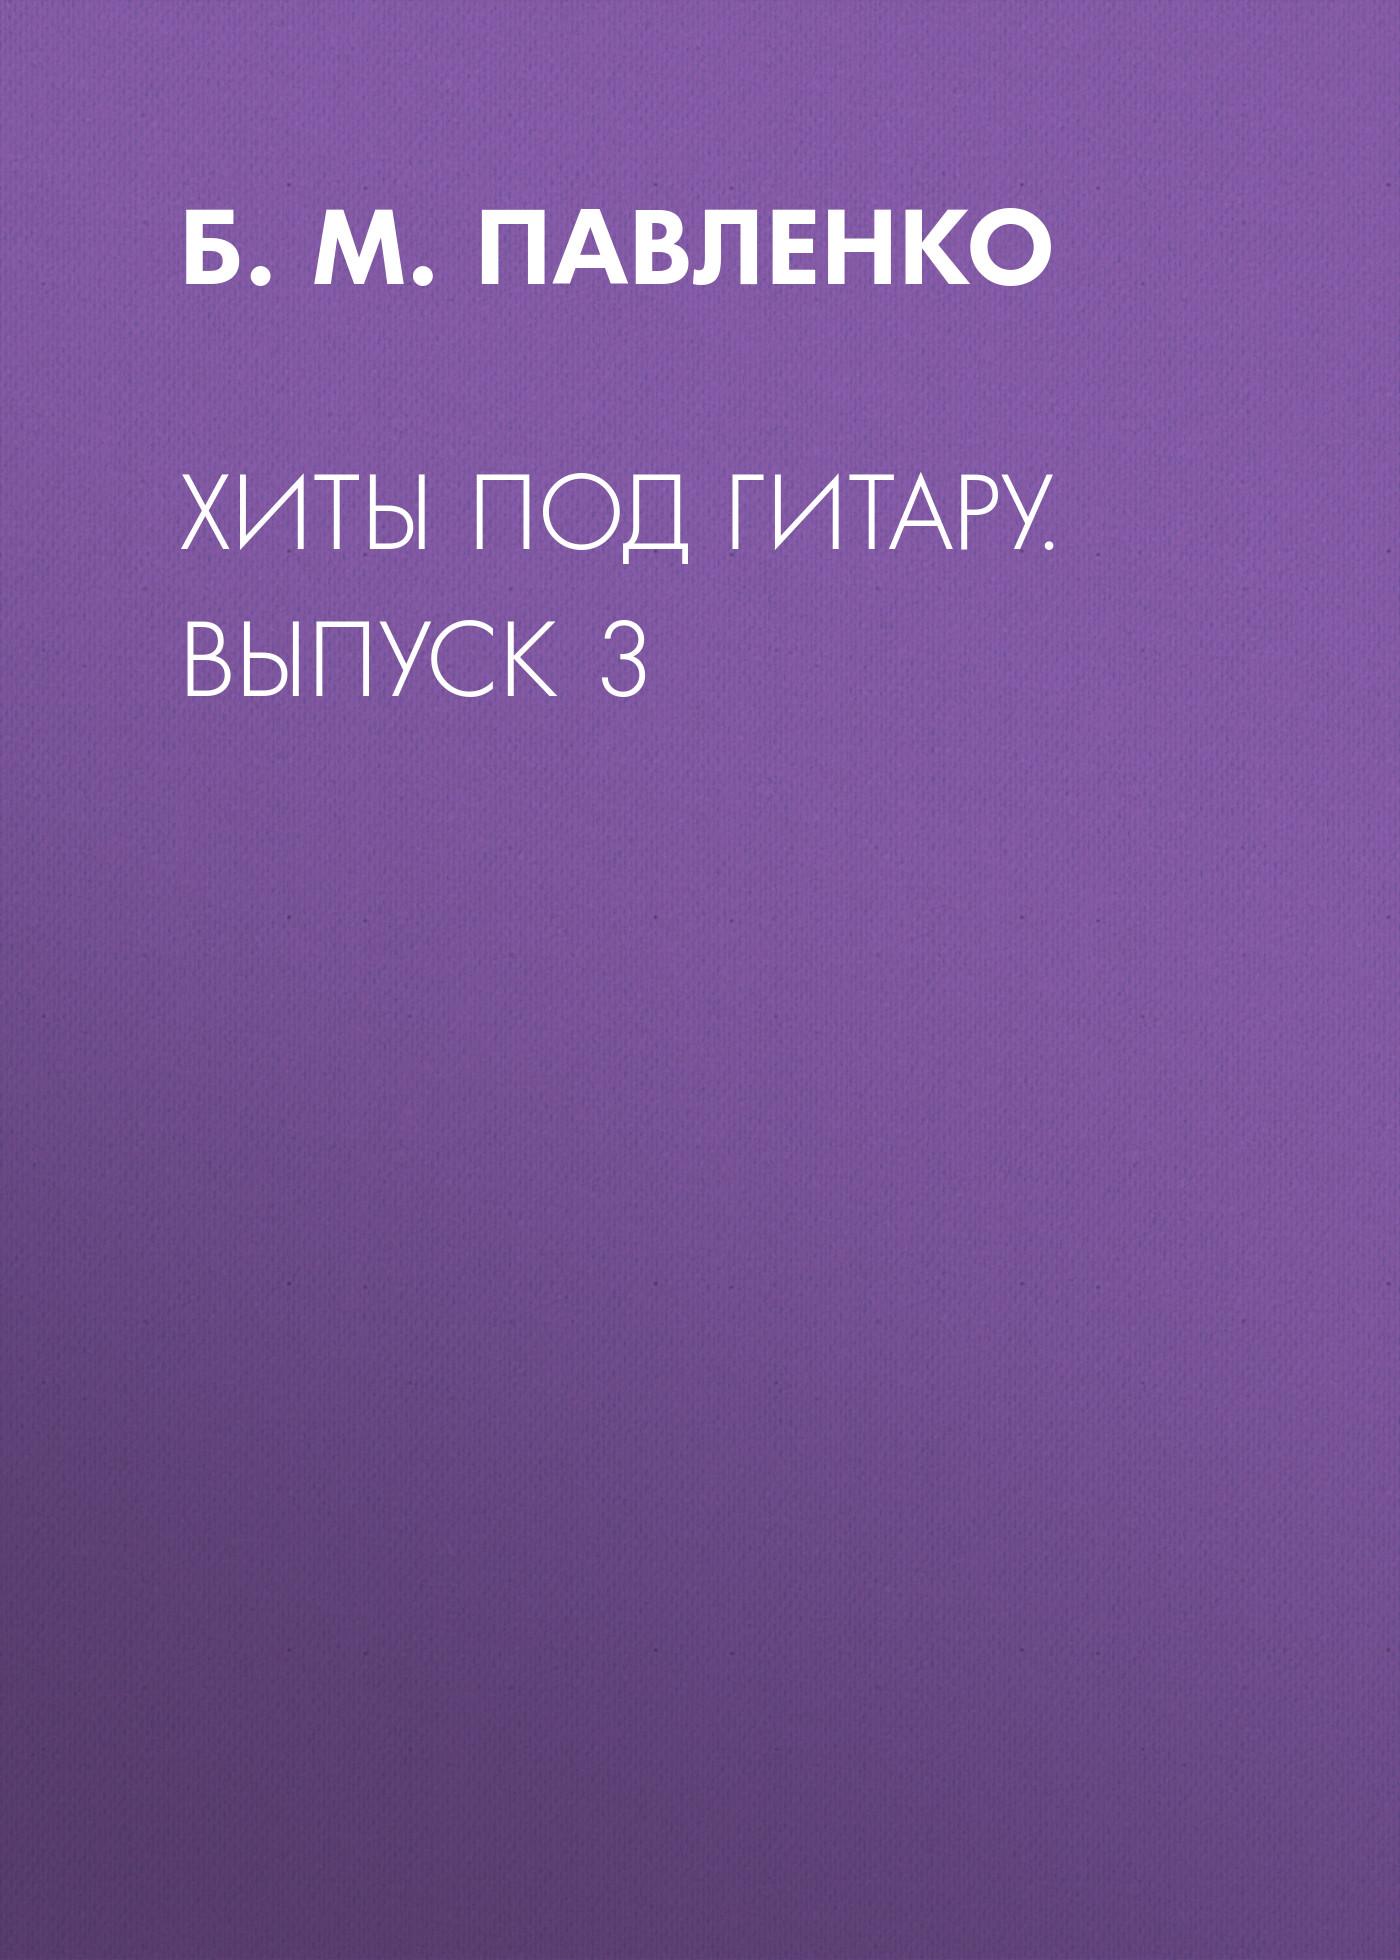 Б. М. Павленко Хиты под . Выпуск 3